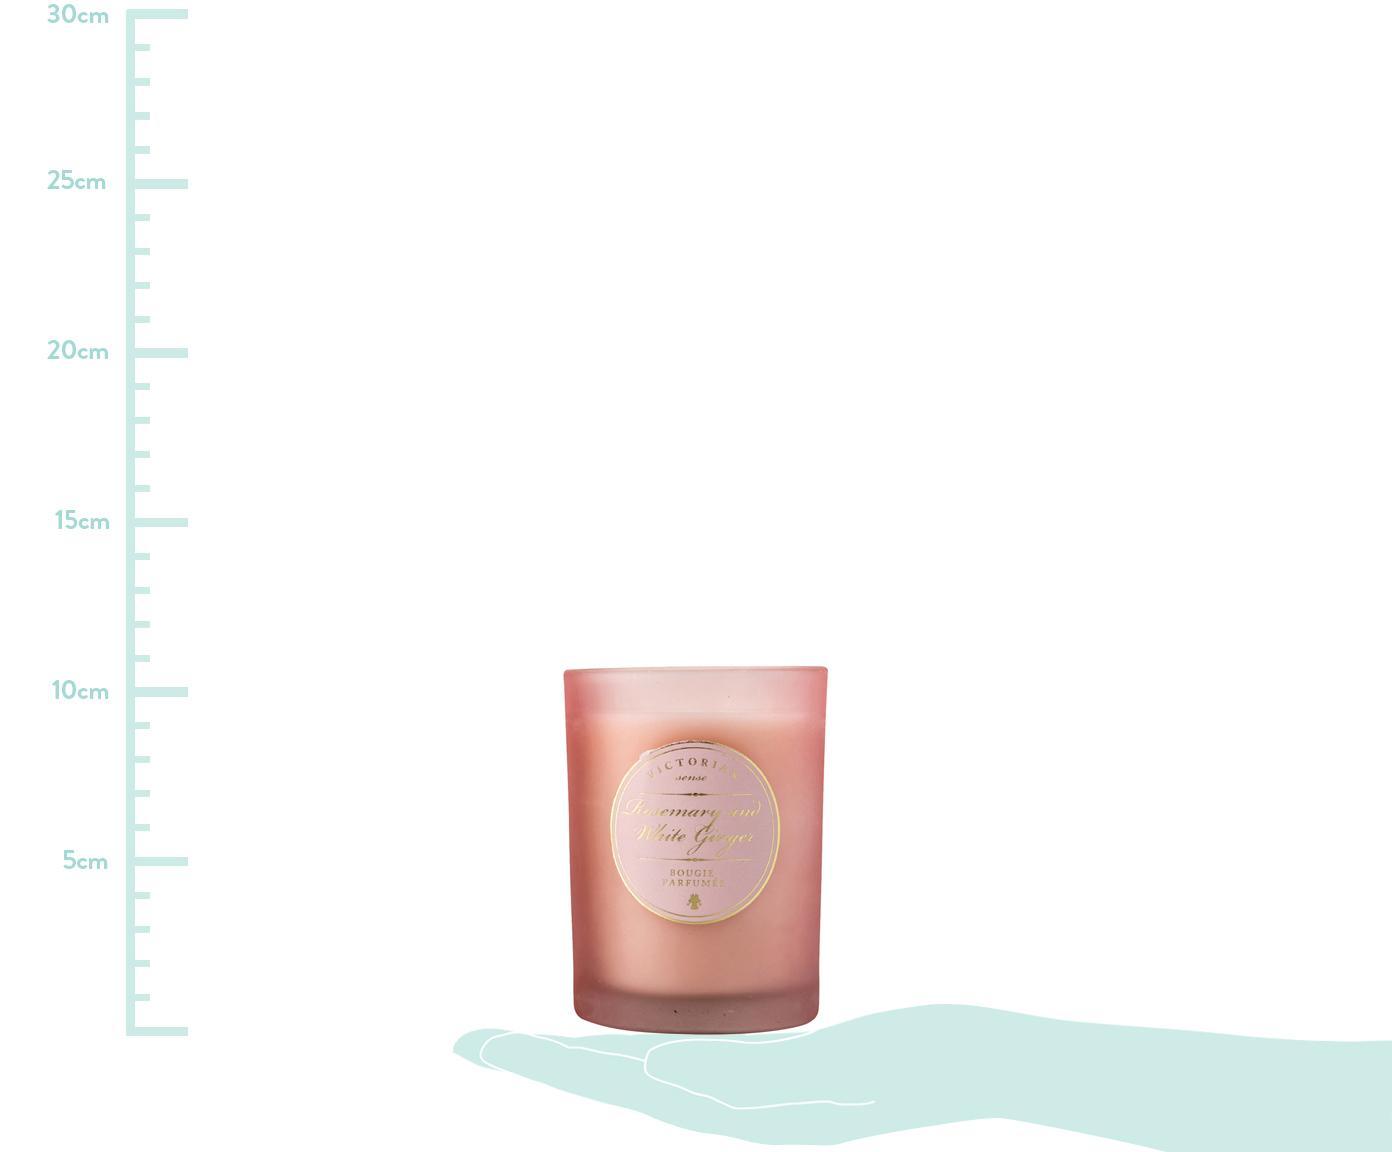 Świeca zapachowa Sense (rozmaryn i biały imbir), Pojemnik: różowy<br>Wosk: biały, Ø 9 x W 11 cm